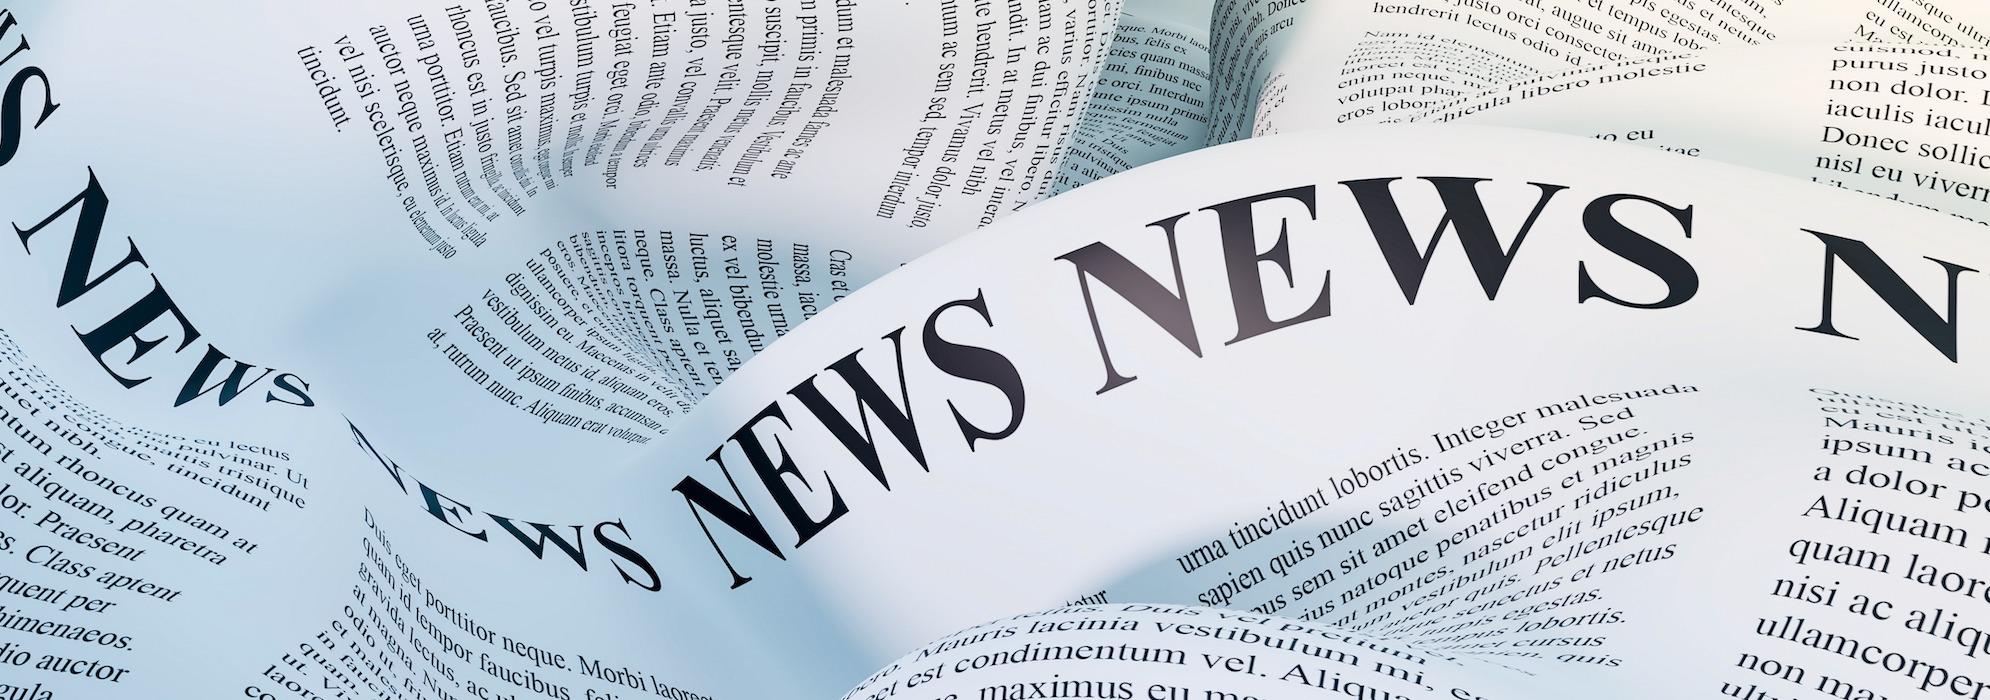 News: Trimada ist ein ISO 9001 zertifiziertes Unternehmen